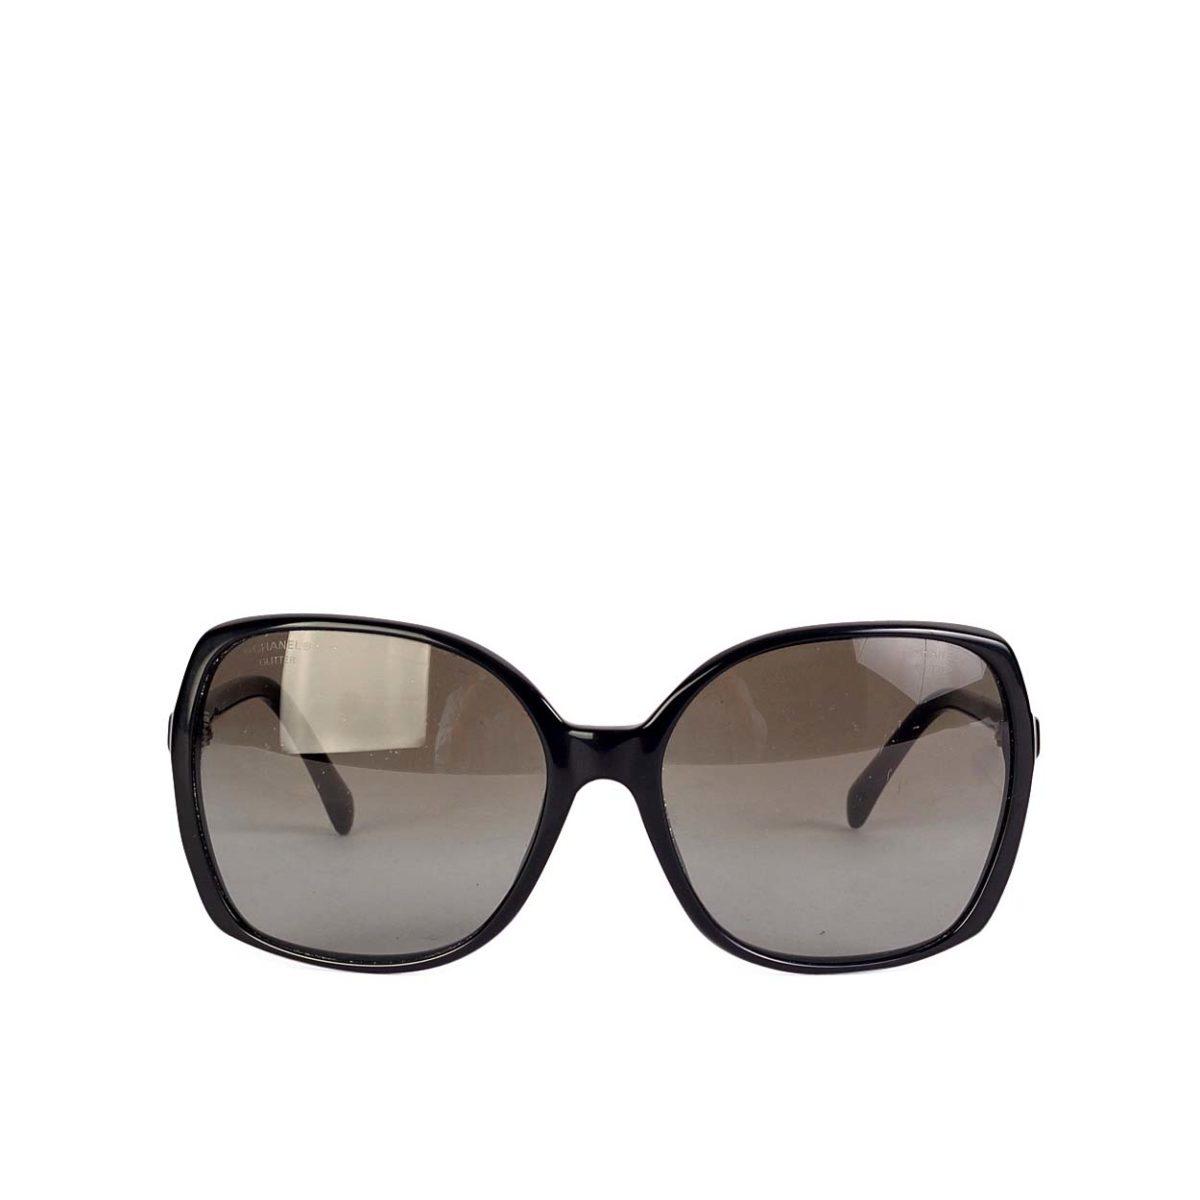 CHANEL Square Signature CC Sunglasses black | Luxity